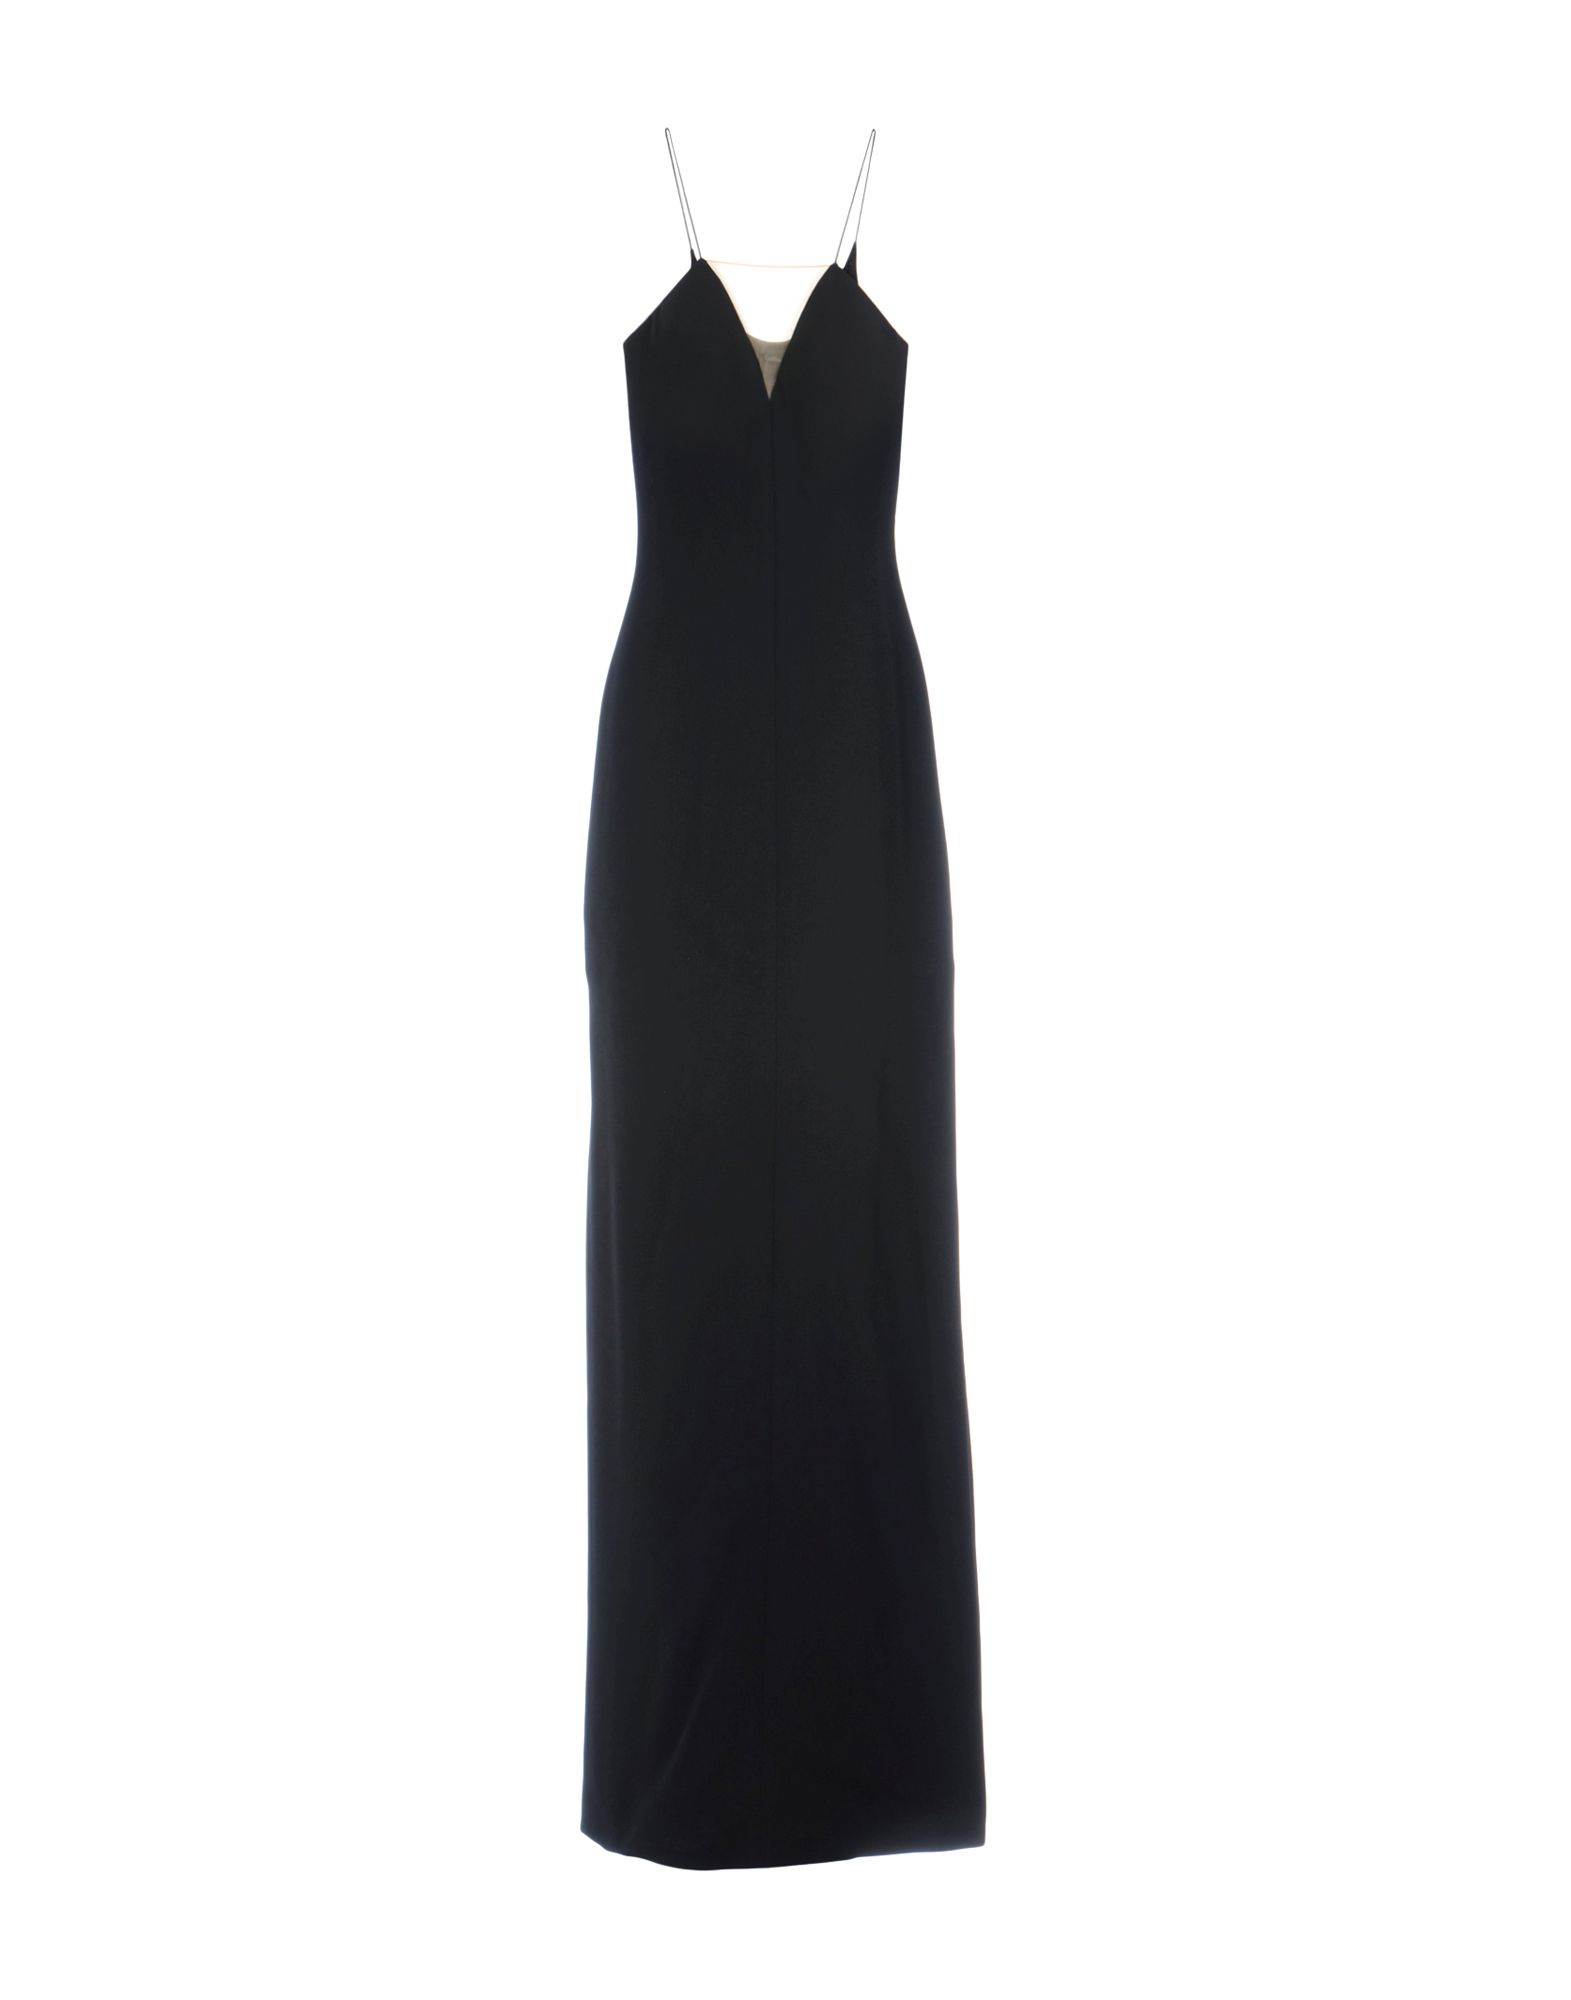 f4e5ff75a Buy alexander wang clothing for women - Best women's alexander wang ...